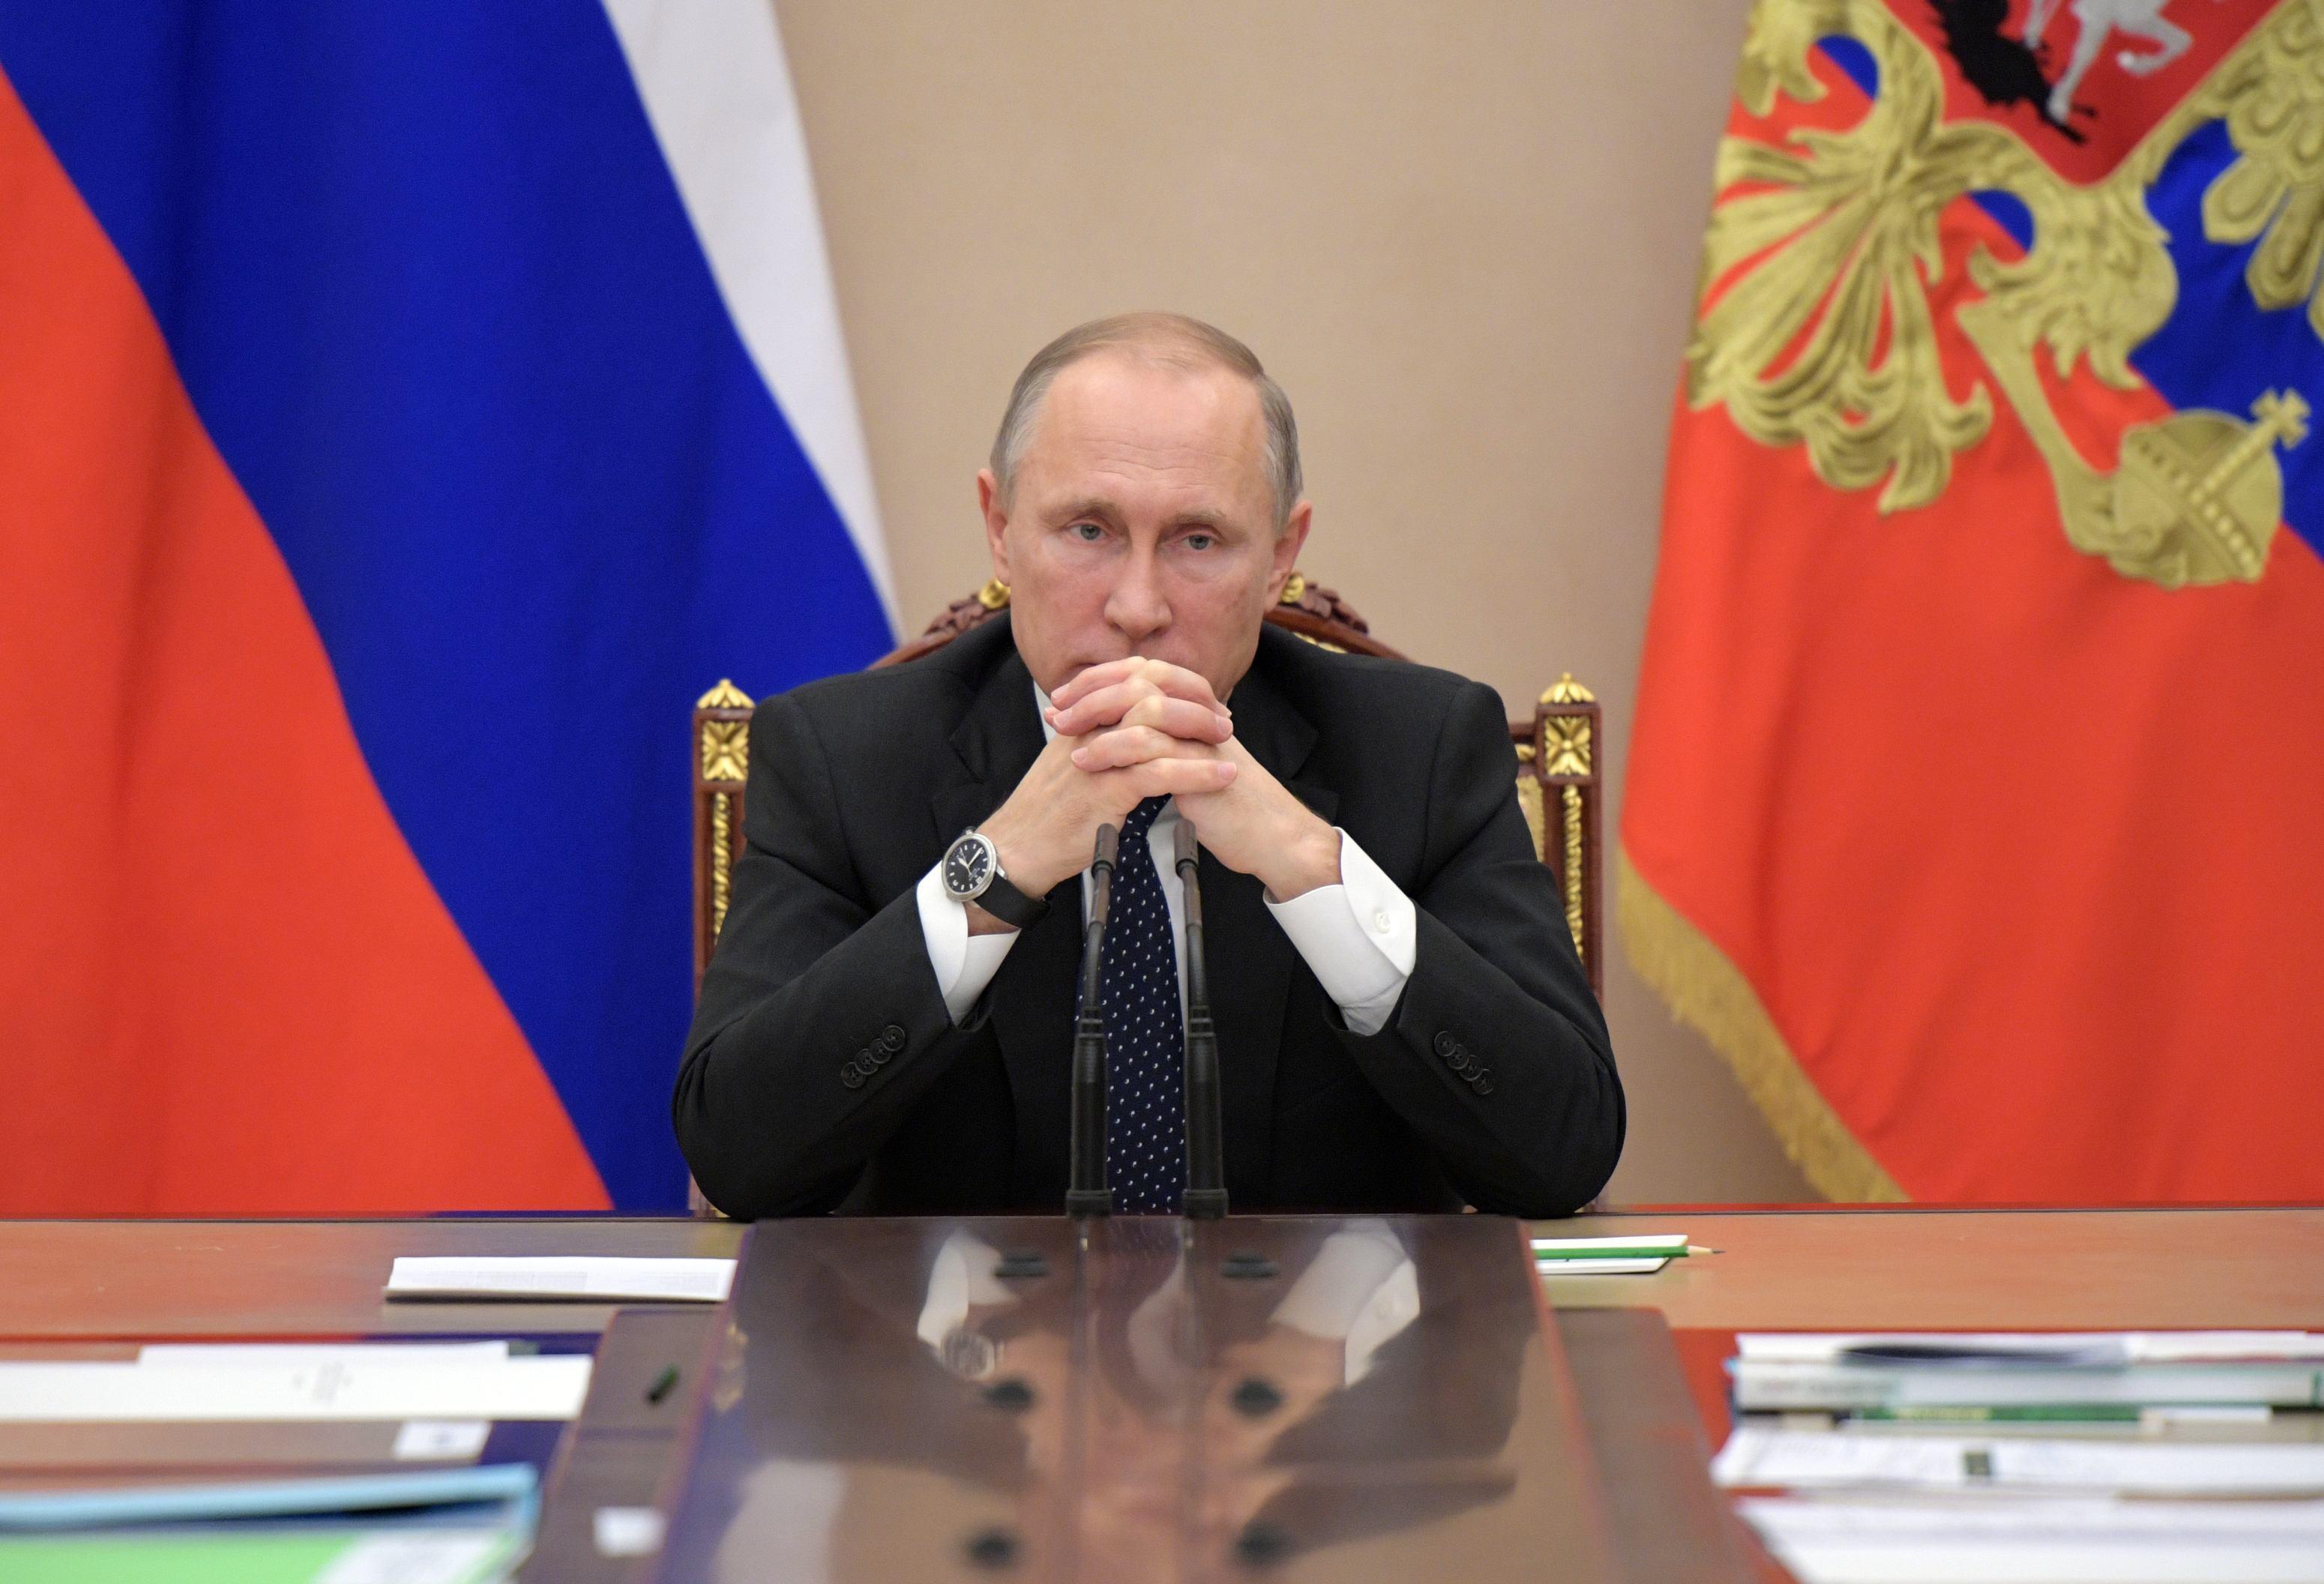 Retragerea SUA din Tratatul Forţelor Nucleare Intermediare. Putin, prima reacţie oficială după anunţul lui Donald Trump